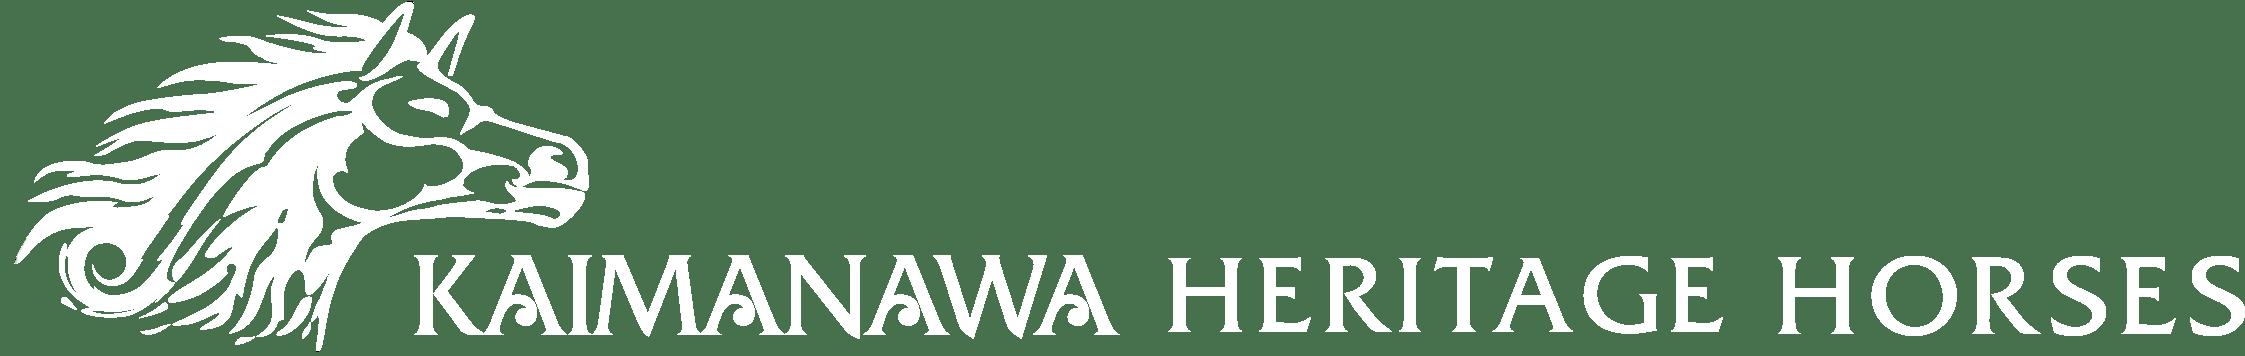 Kaimanawa Heritage Horses